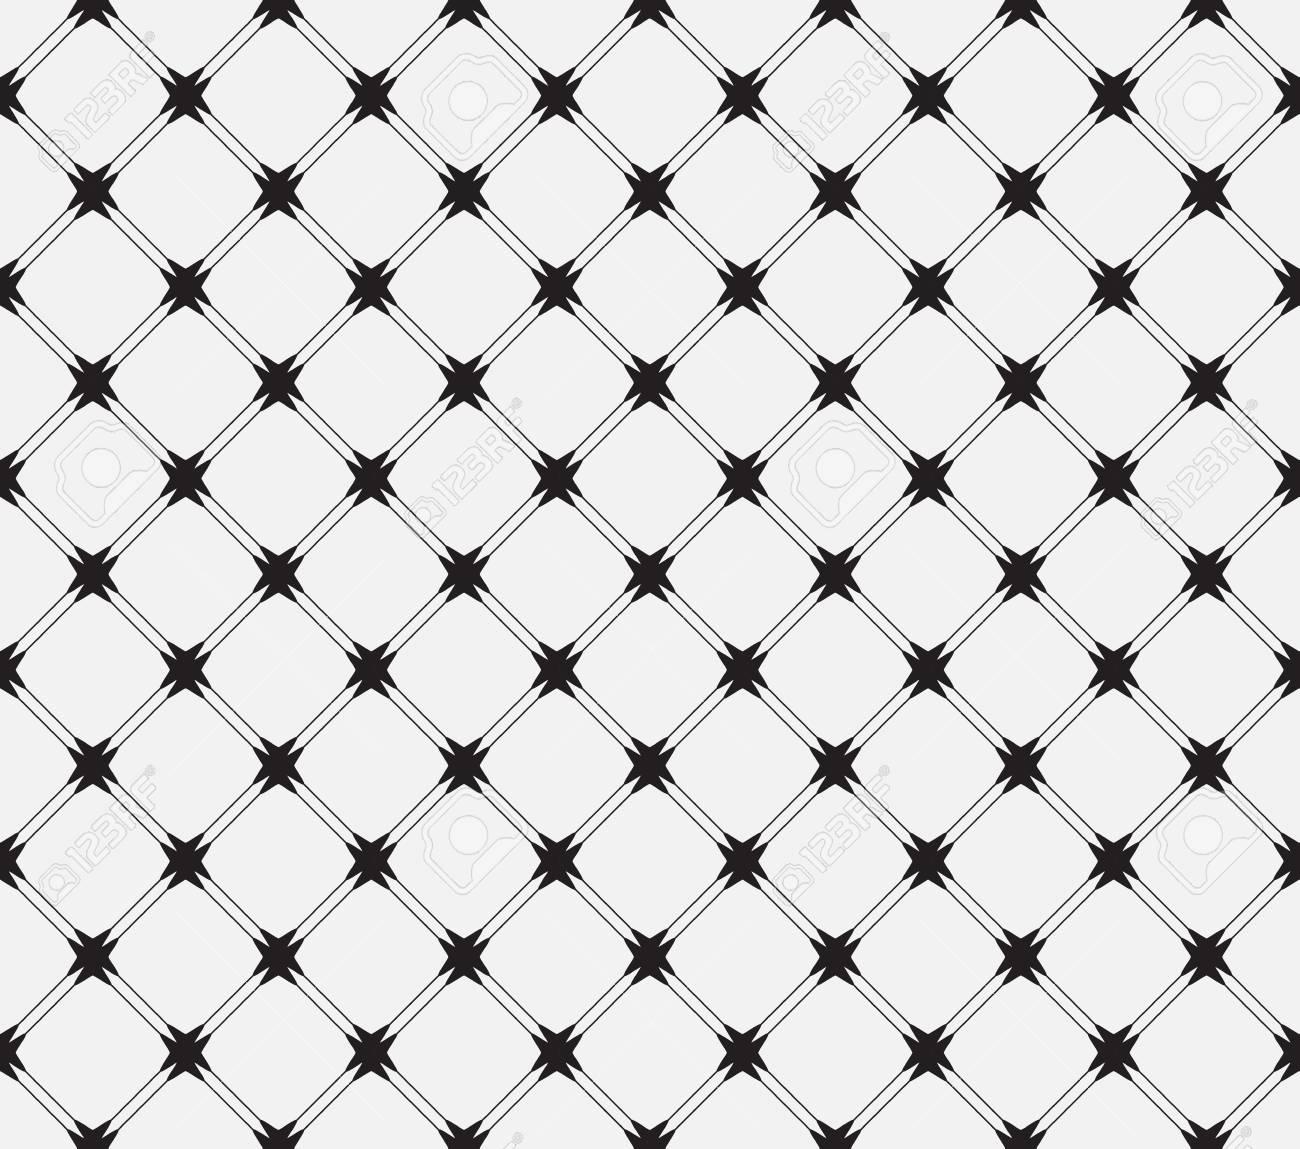 Patrones De Costura. Textura Con Estilo Moderno. La Repetición De ...